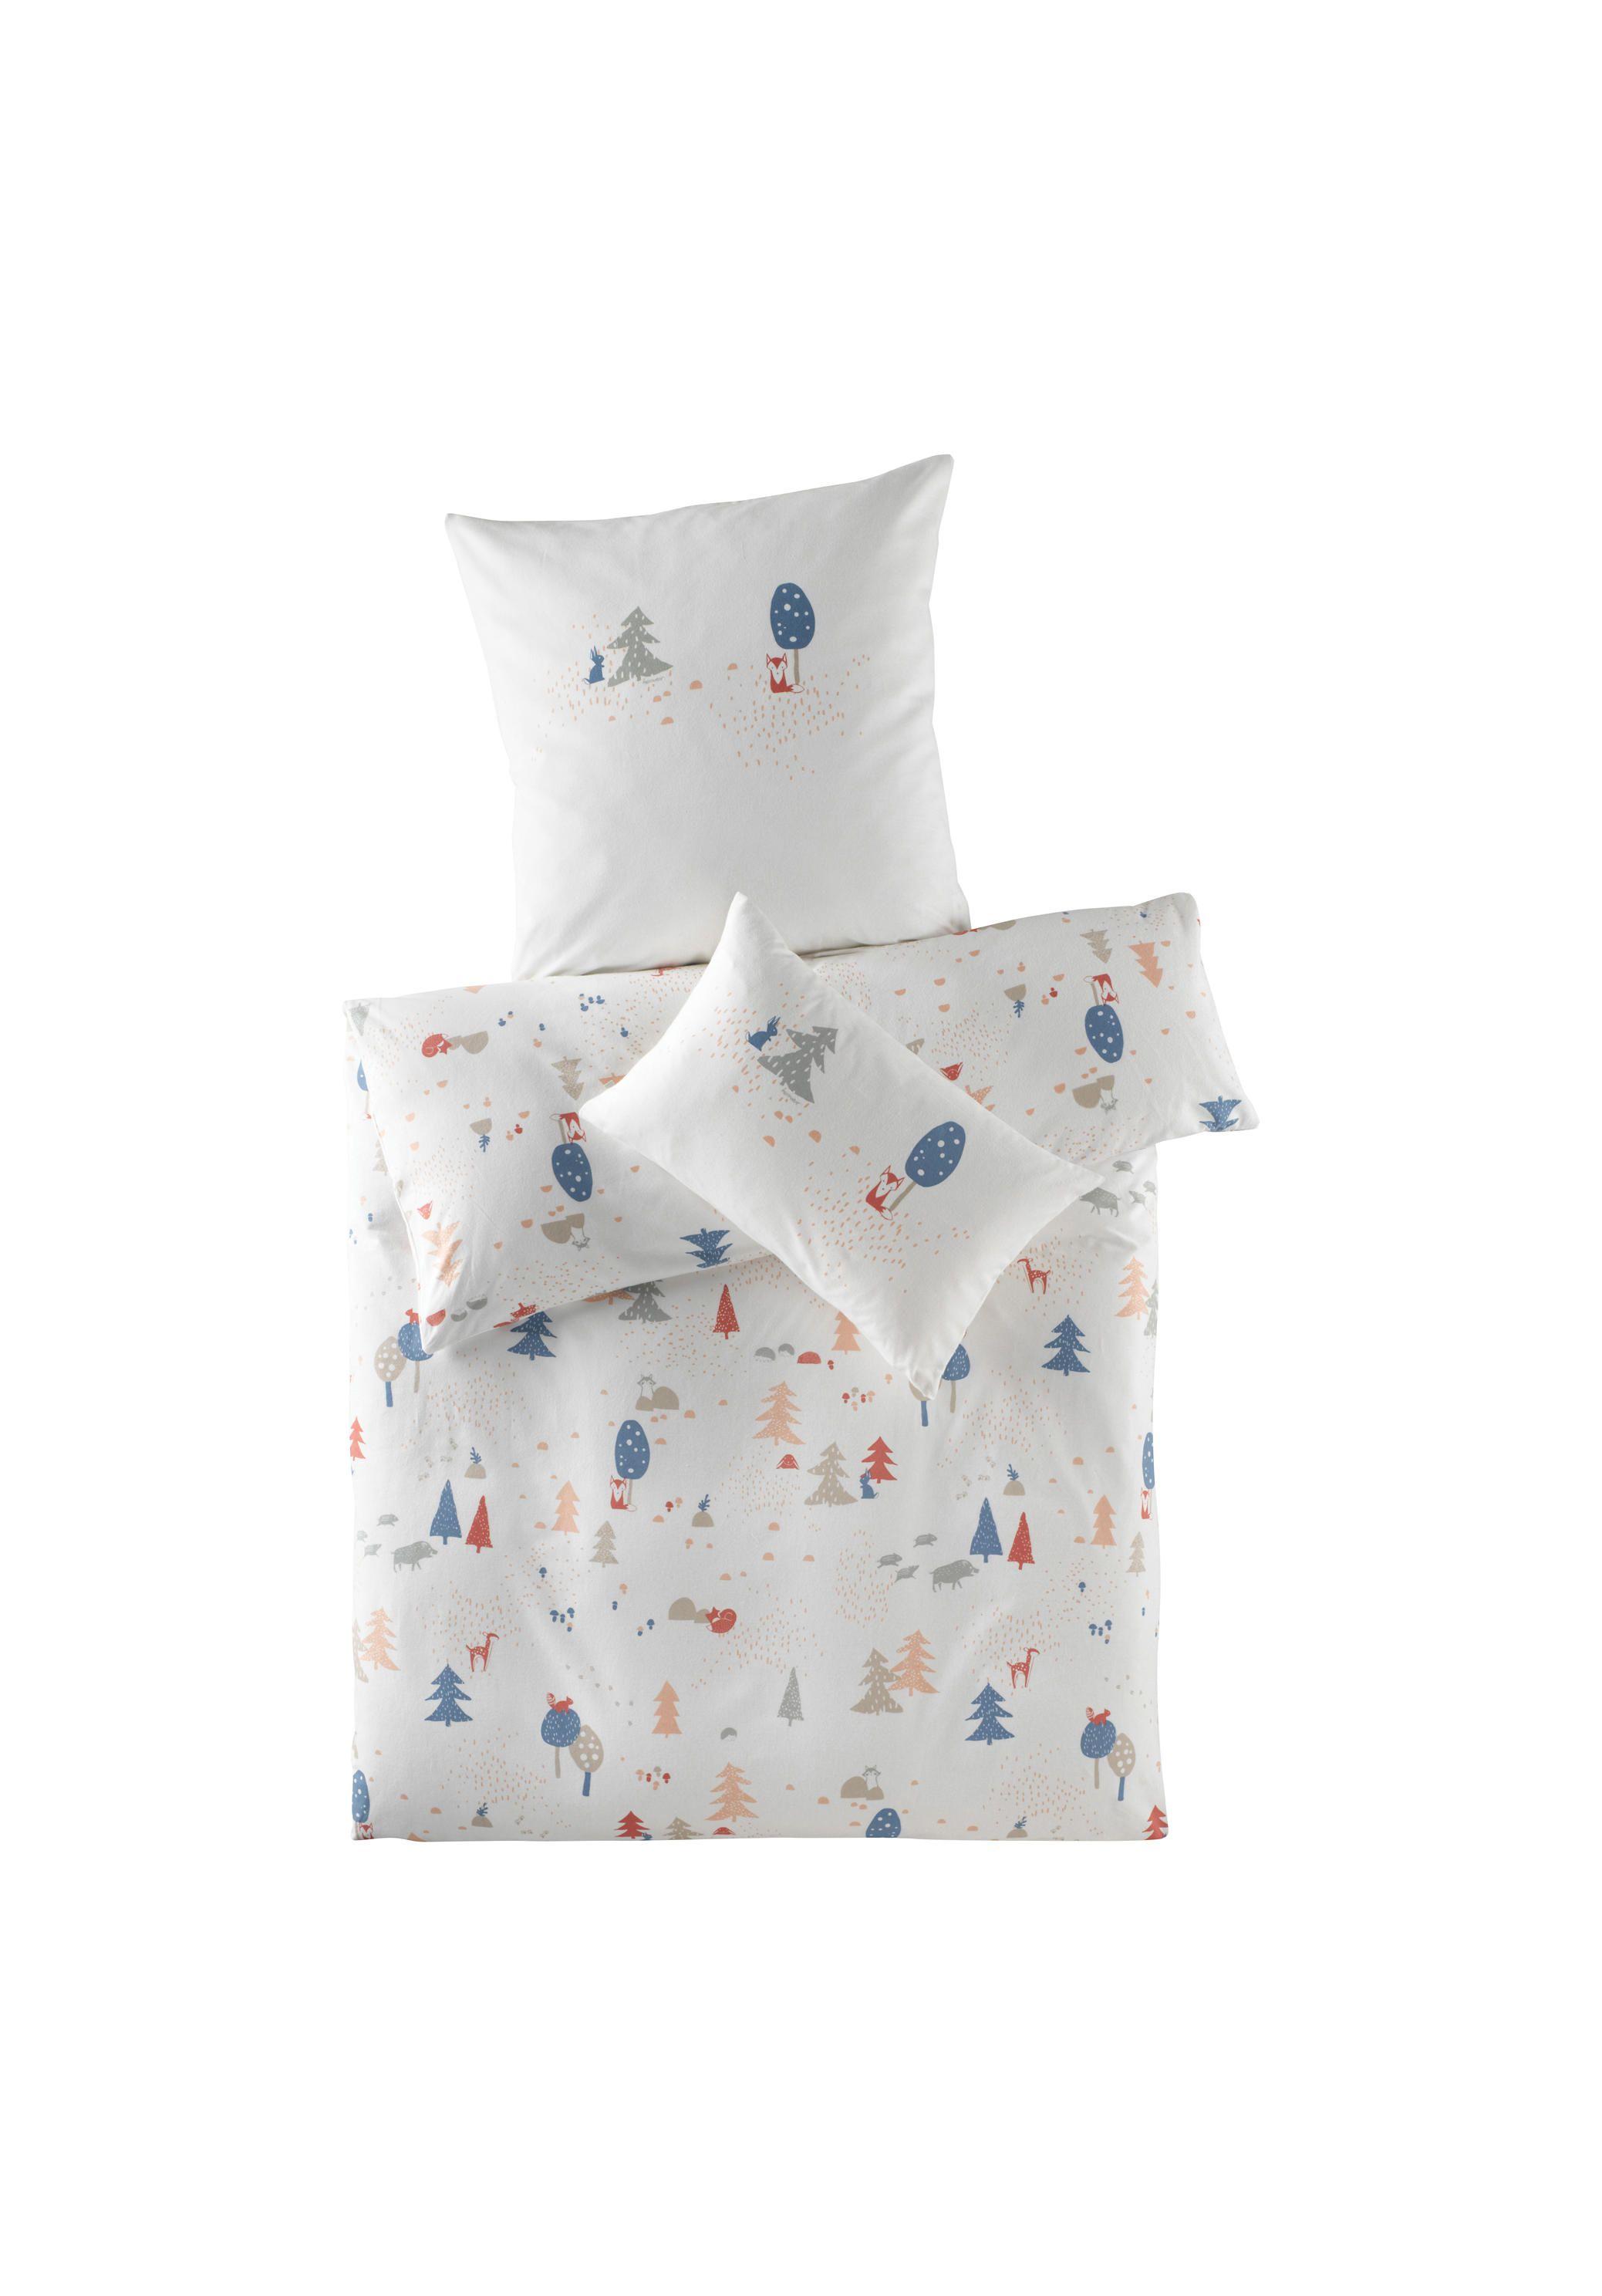 Biber Bettwäsche Für Baby Und Kinder Aus Reiner Bio Baumwolle